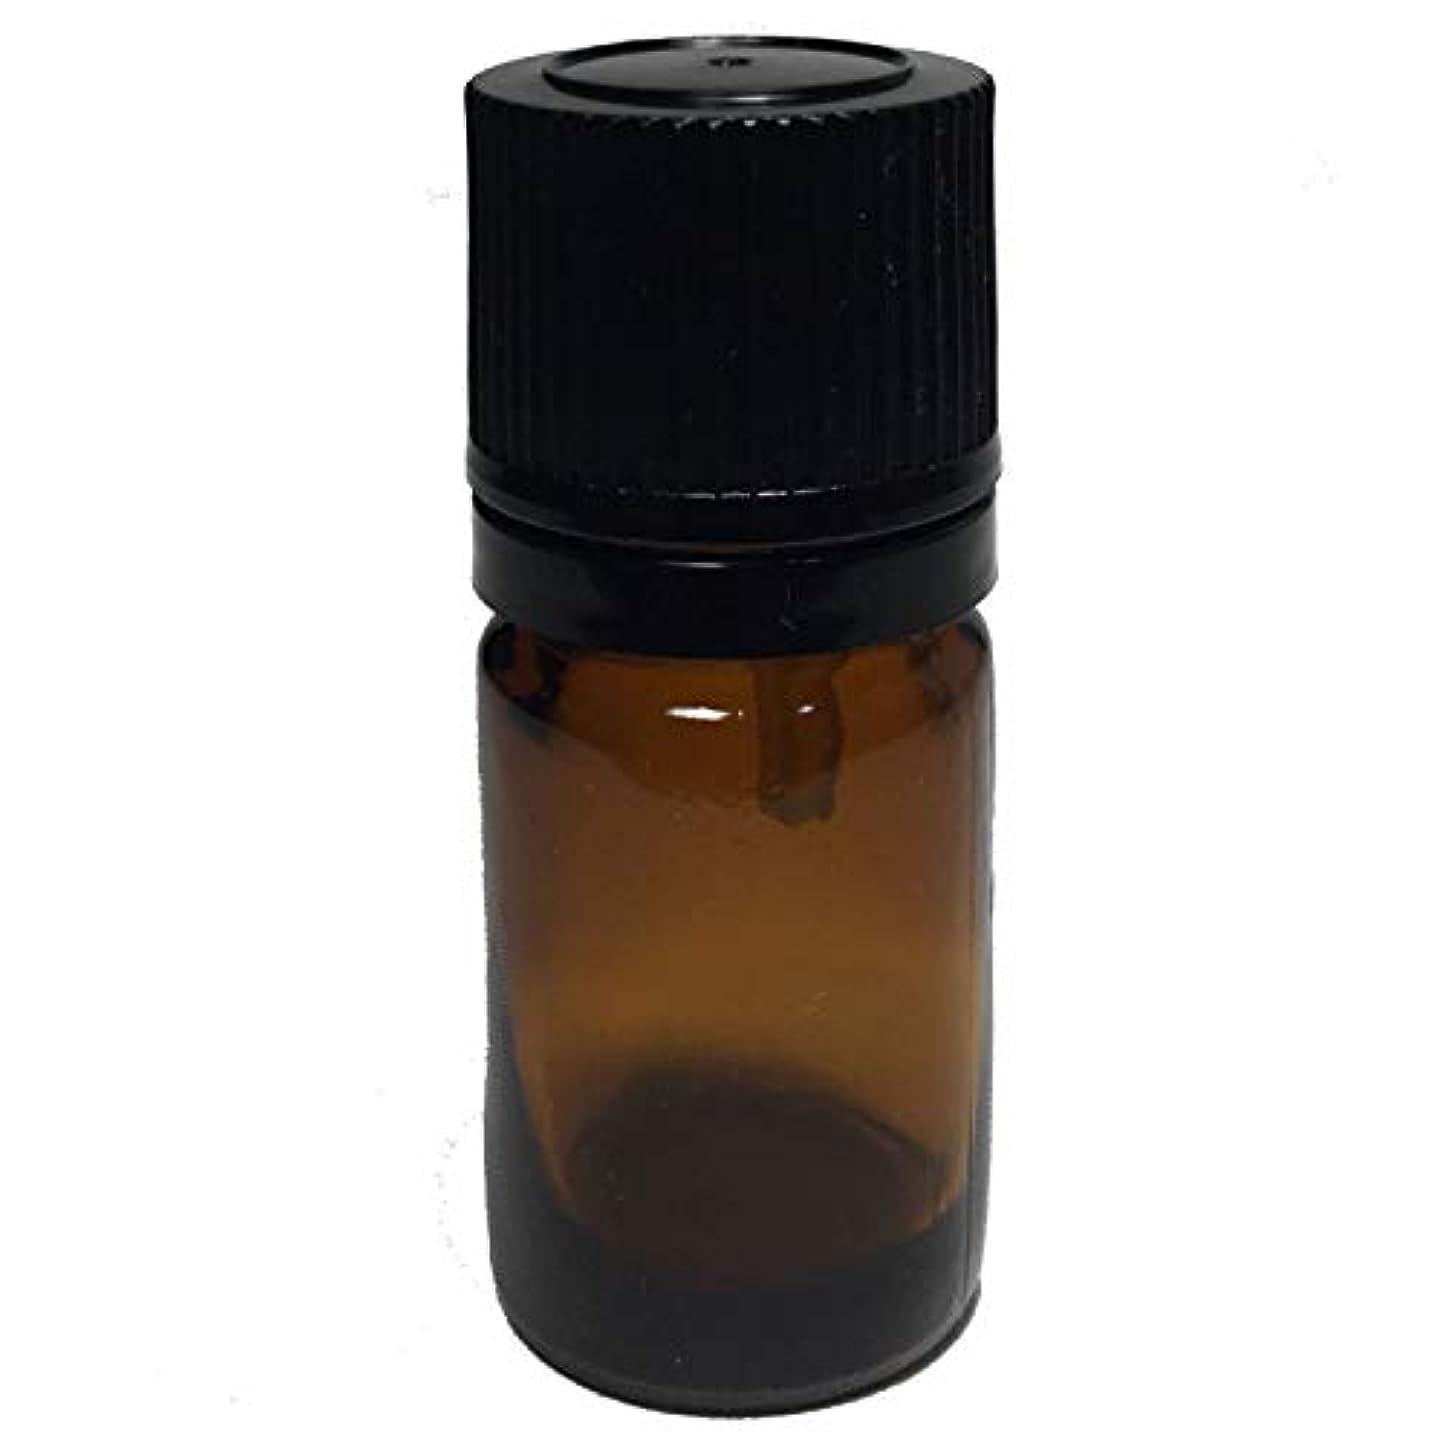 光沢ちらつき実証するエッセンシャルオイル用茶色遮光瓶 ドロッパー付き(黒キャップ) 5ml ガラスビン 10本セット